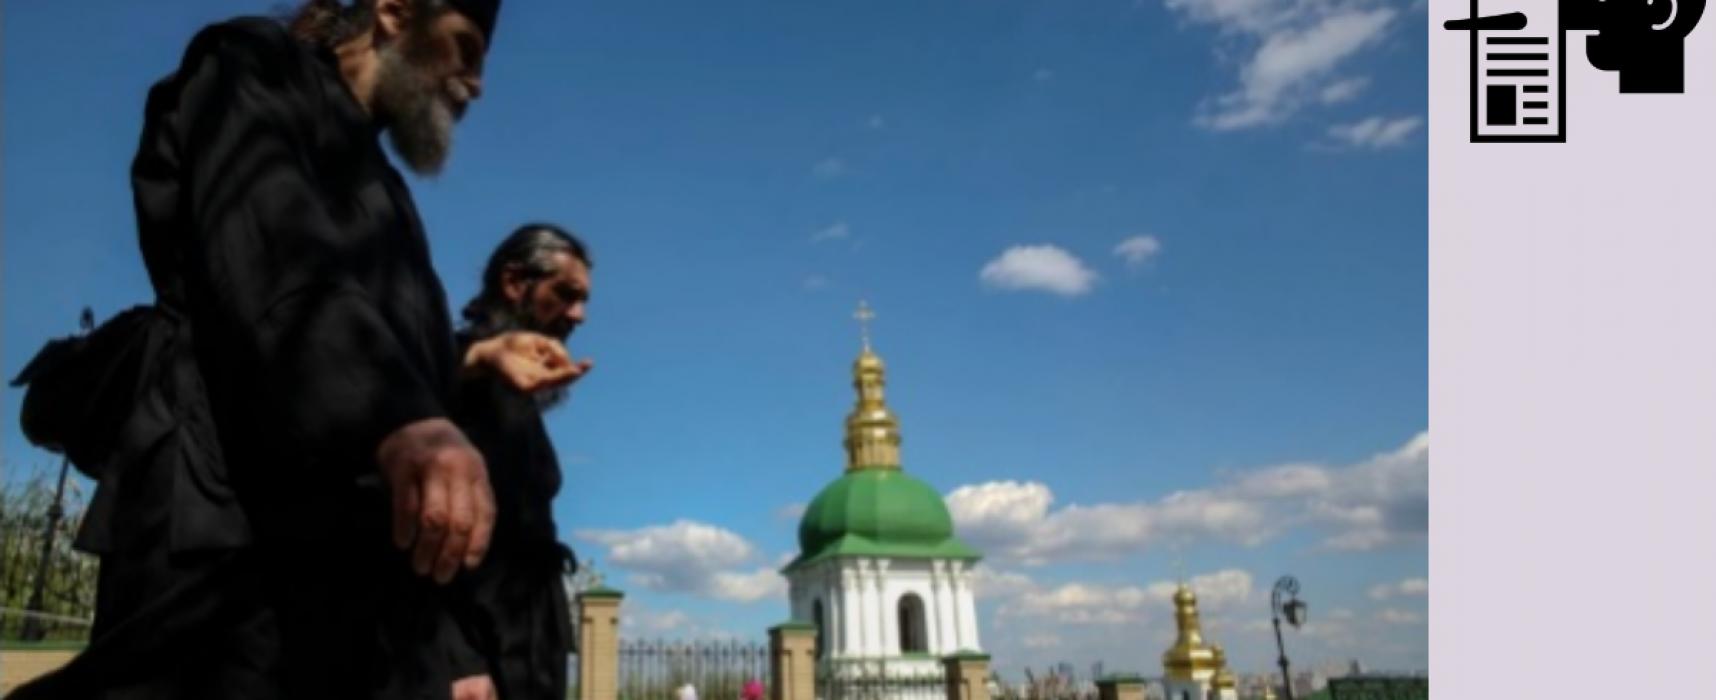 Фейк: Київський патріархат перетворюється на християнський ІДІЛ